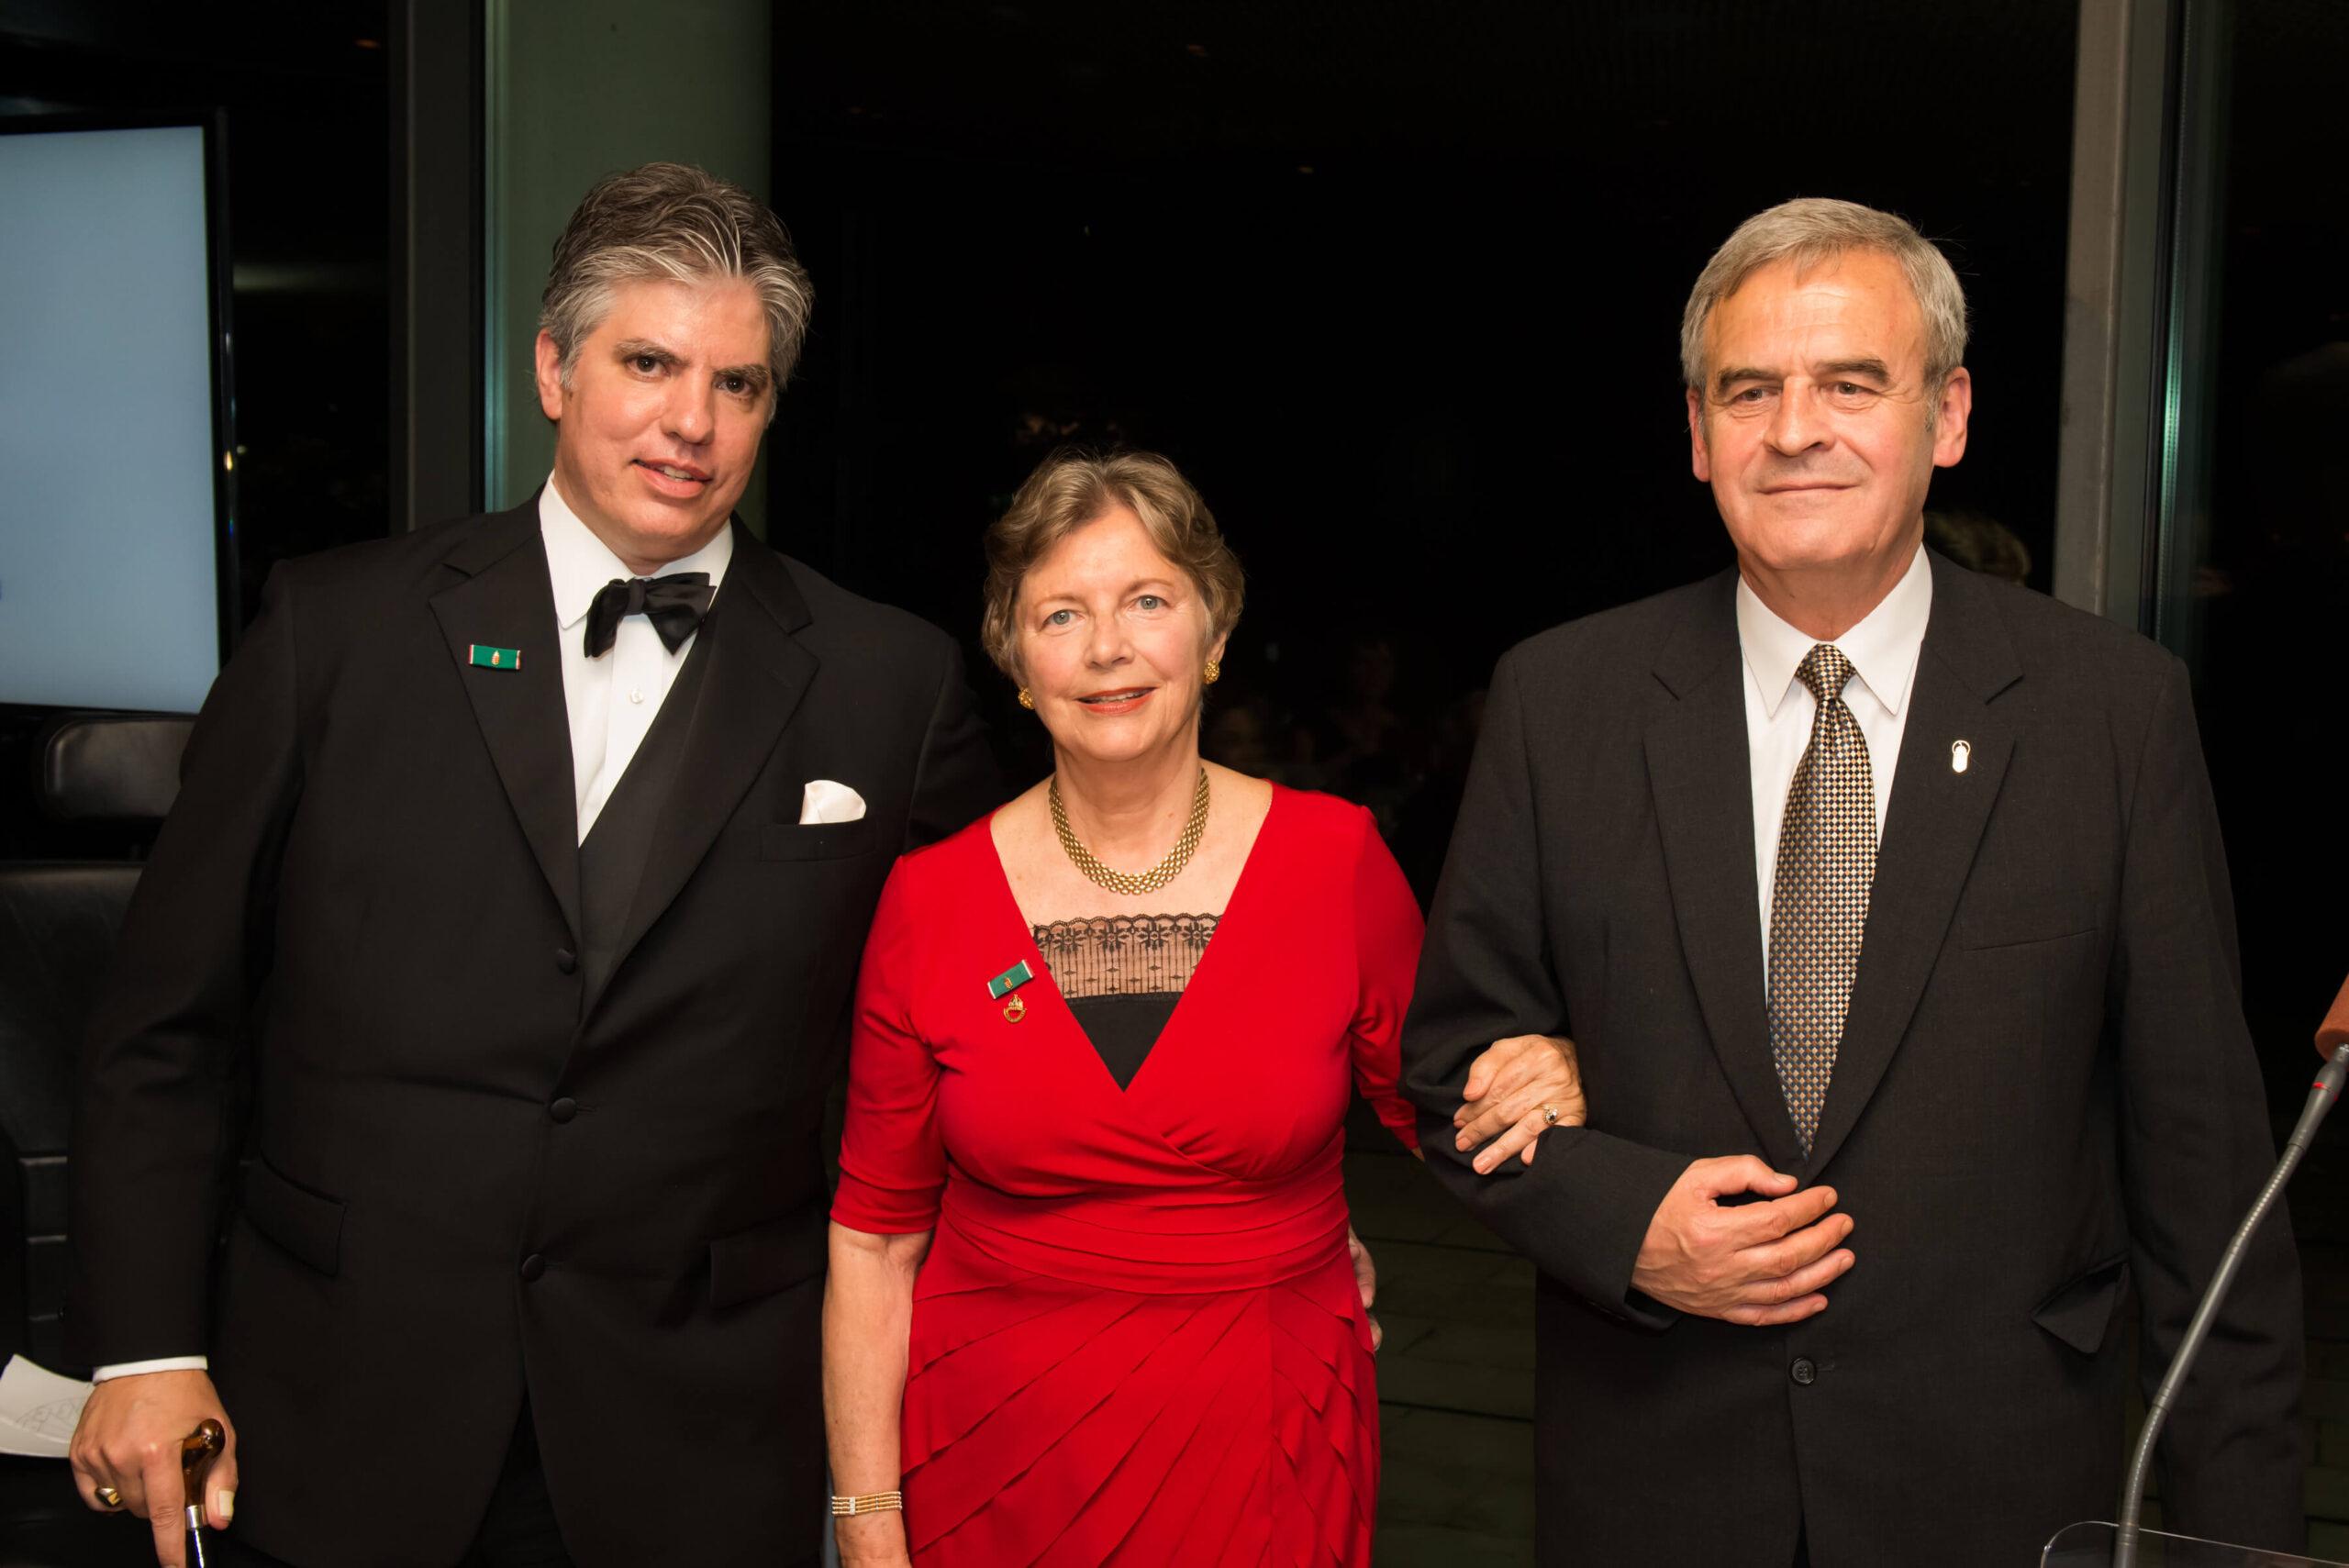 Mr. Max Teleki, Mrs. Edith K. Lauer and Bishop László Tőkés